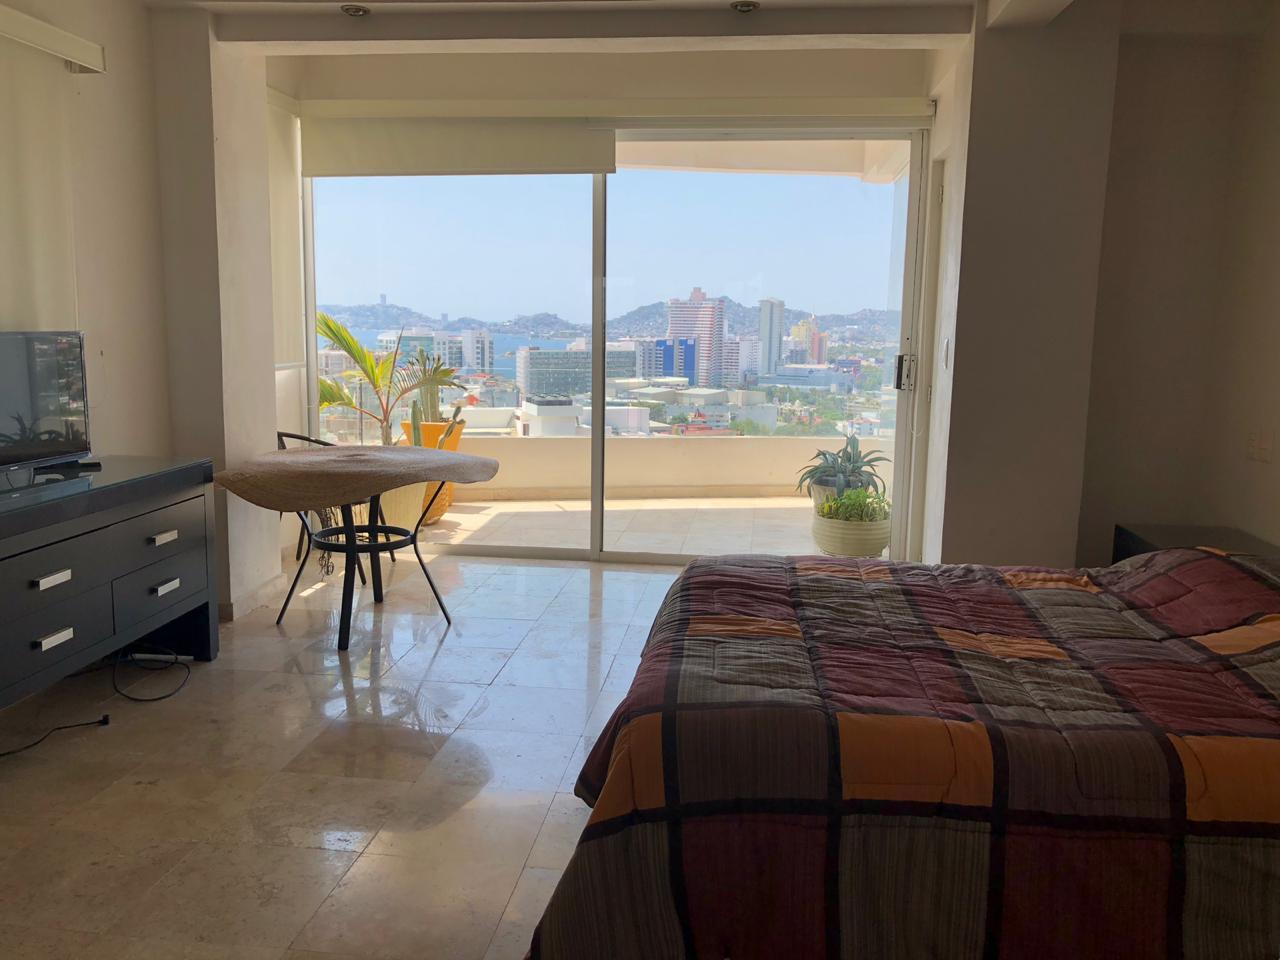 Departamento en renta por noche en Acapulco Dorado